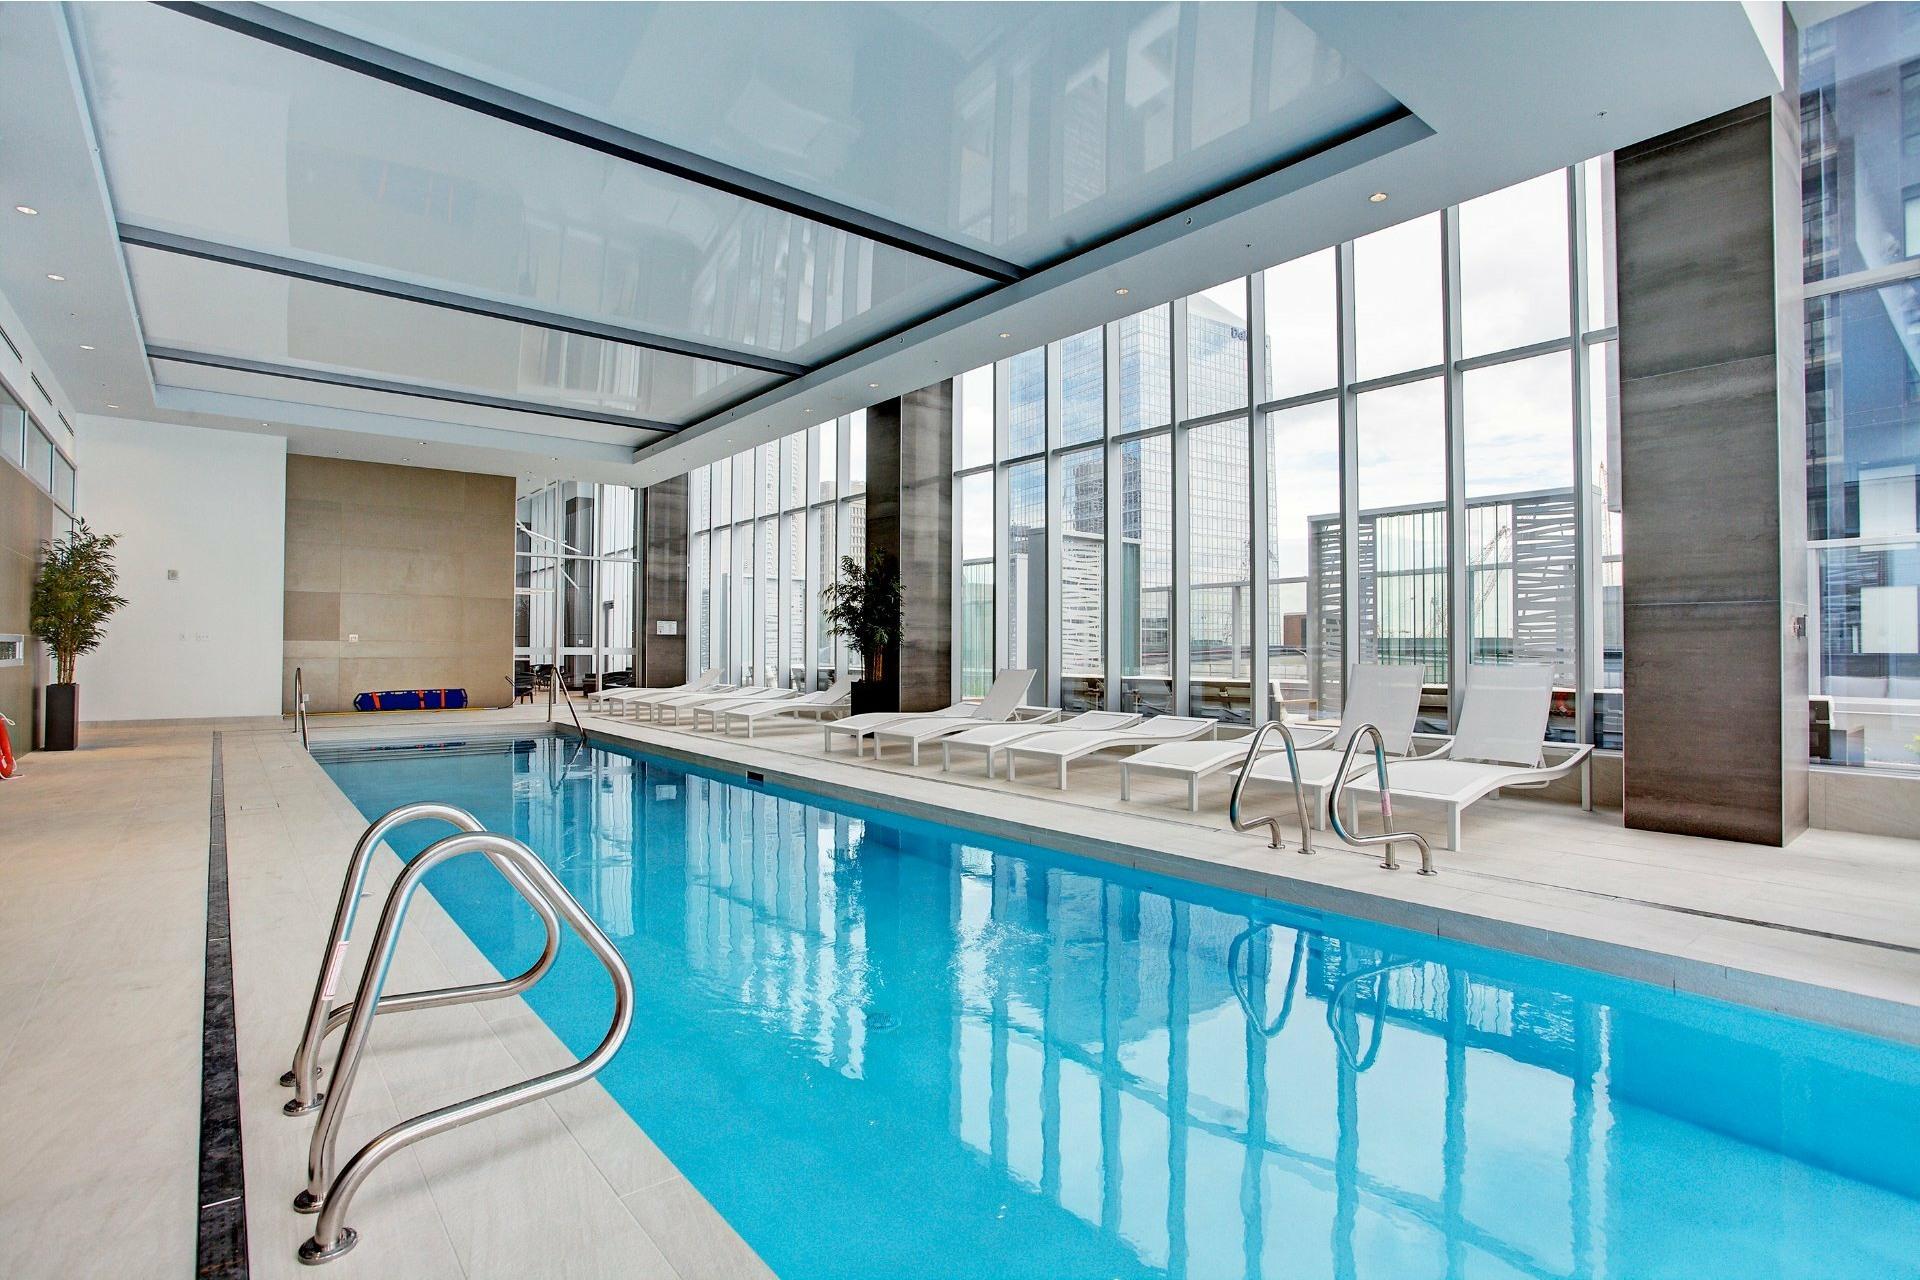 image 2 - Apartment For rent Ville-Marie Montréal  - 5 rooms